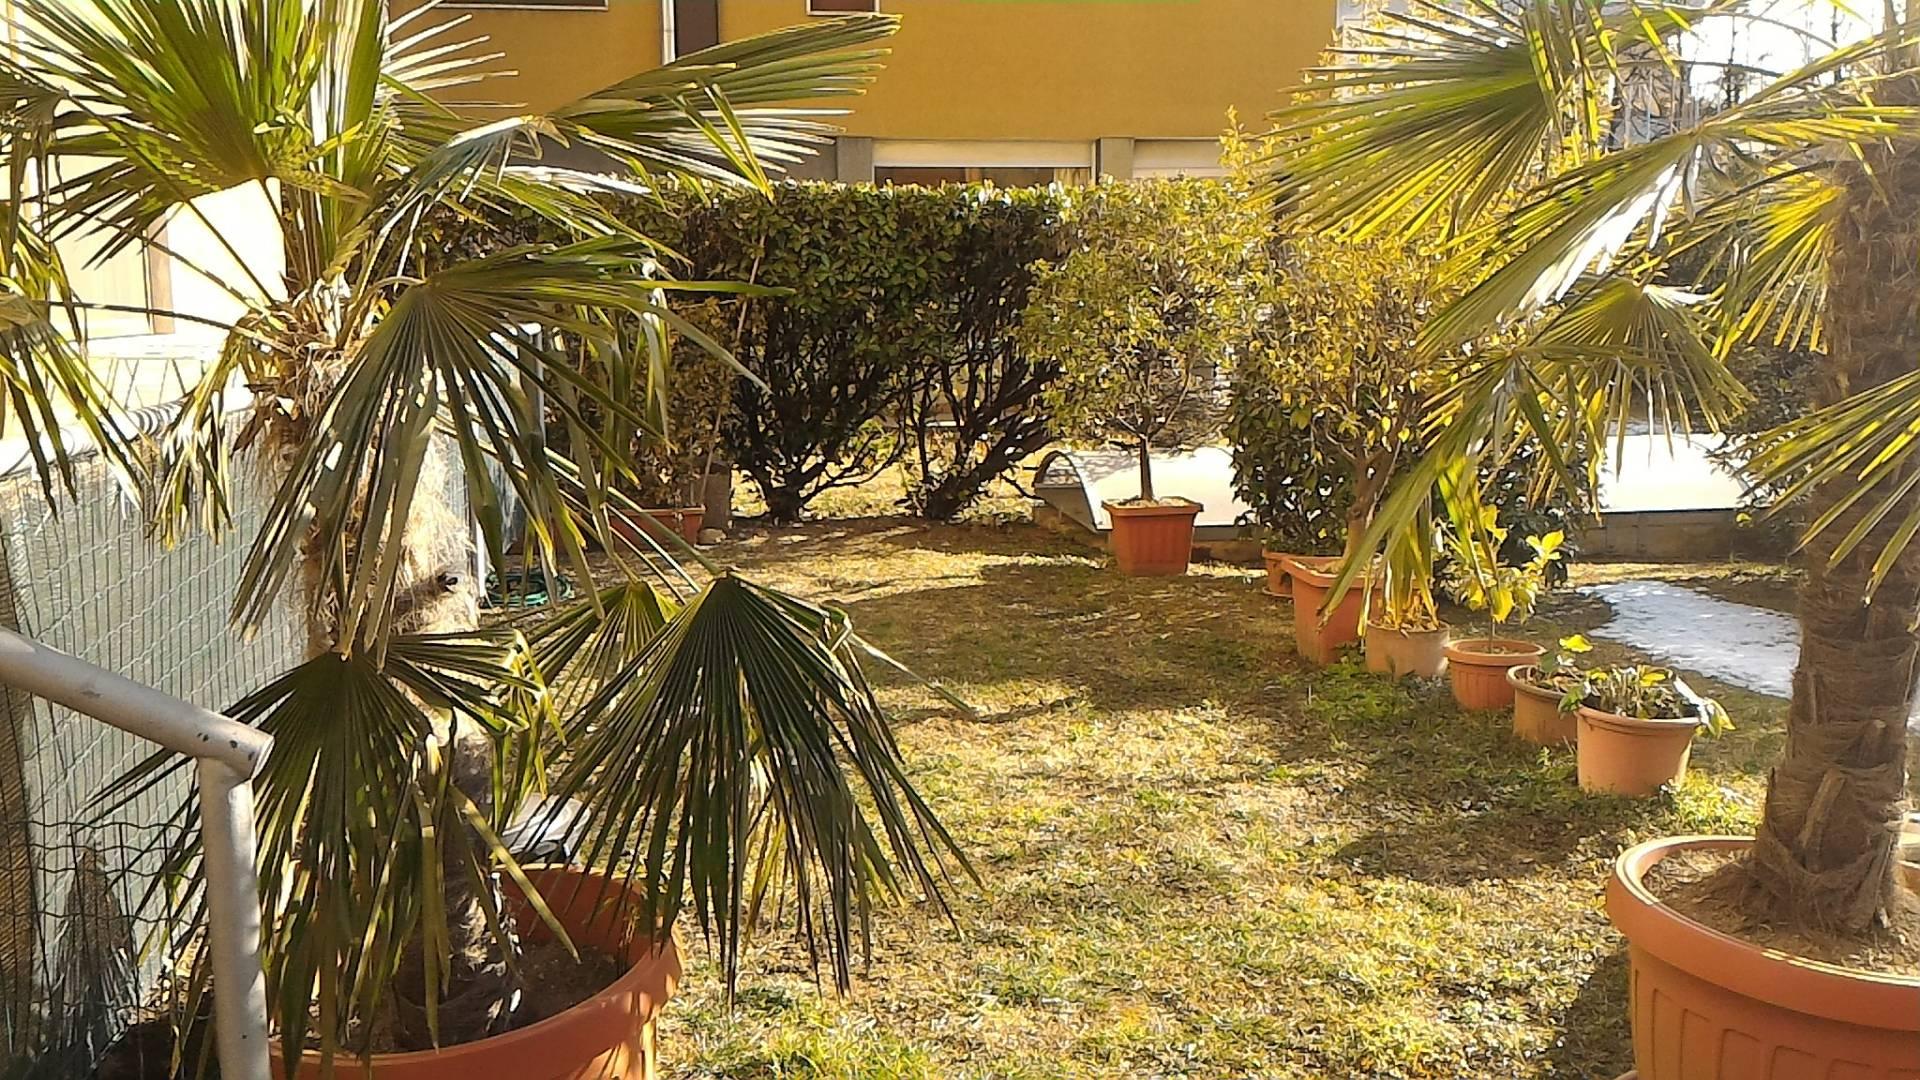 Appartamento in vendita a Riva del Garda, 3 locali, zona Zona: Riva, prezzo € 225.000 | Cambio Casa.it